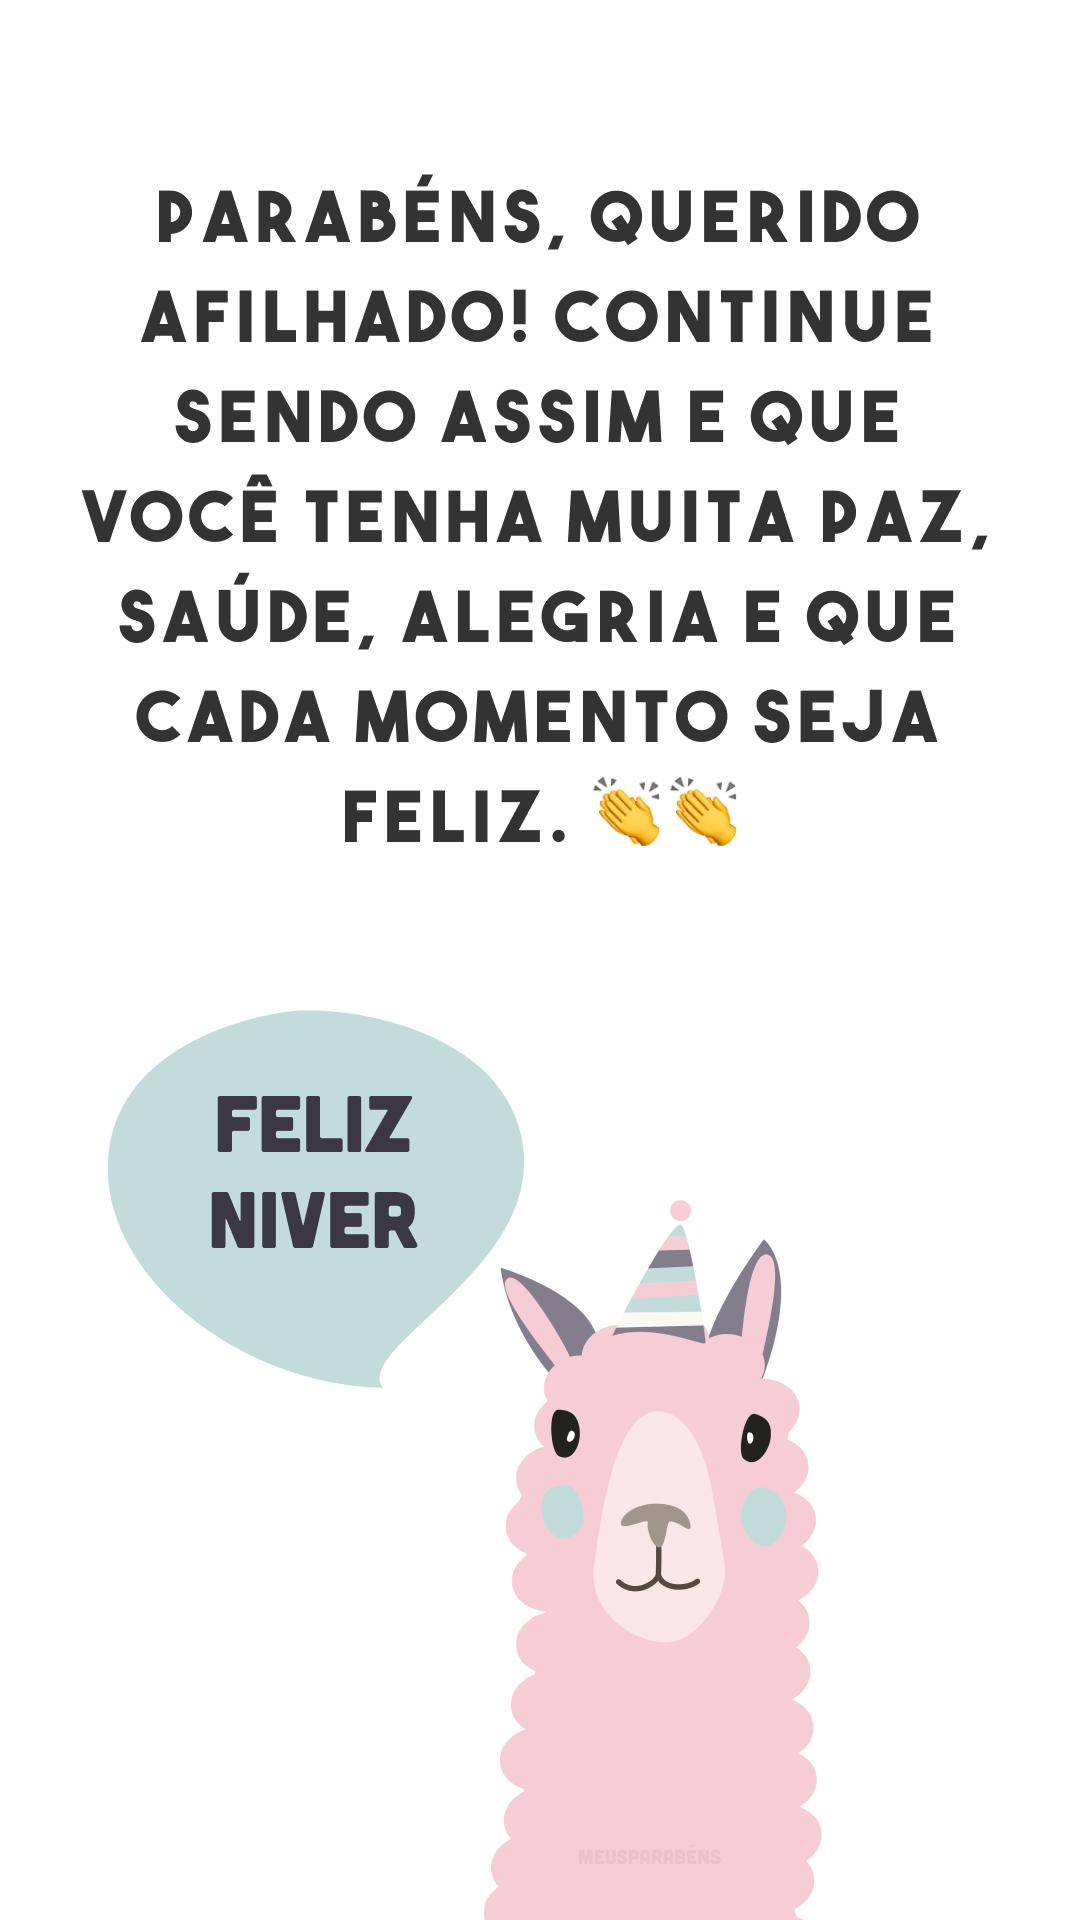 Parabéns, querido afilhado! Continue sendo assim e que você tenha muita paz, saúde, alegria e que cada momento seja feliz. 👏👏